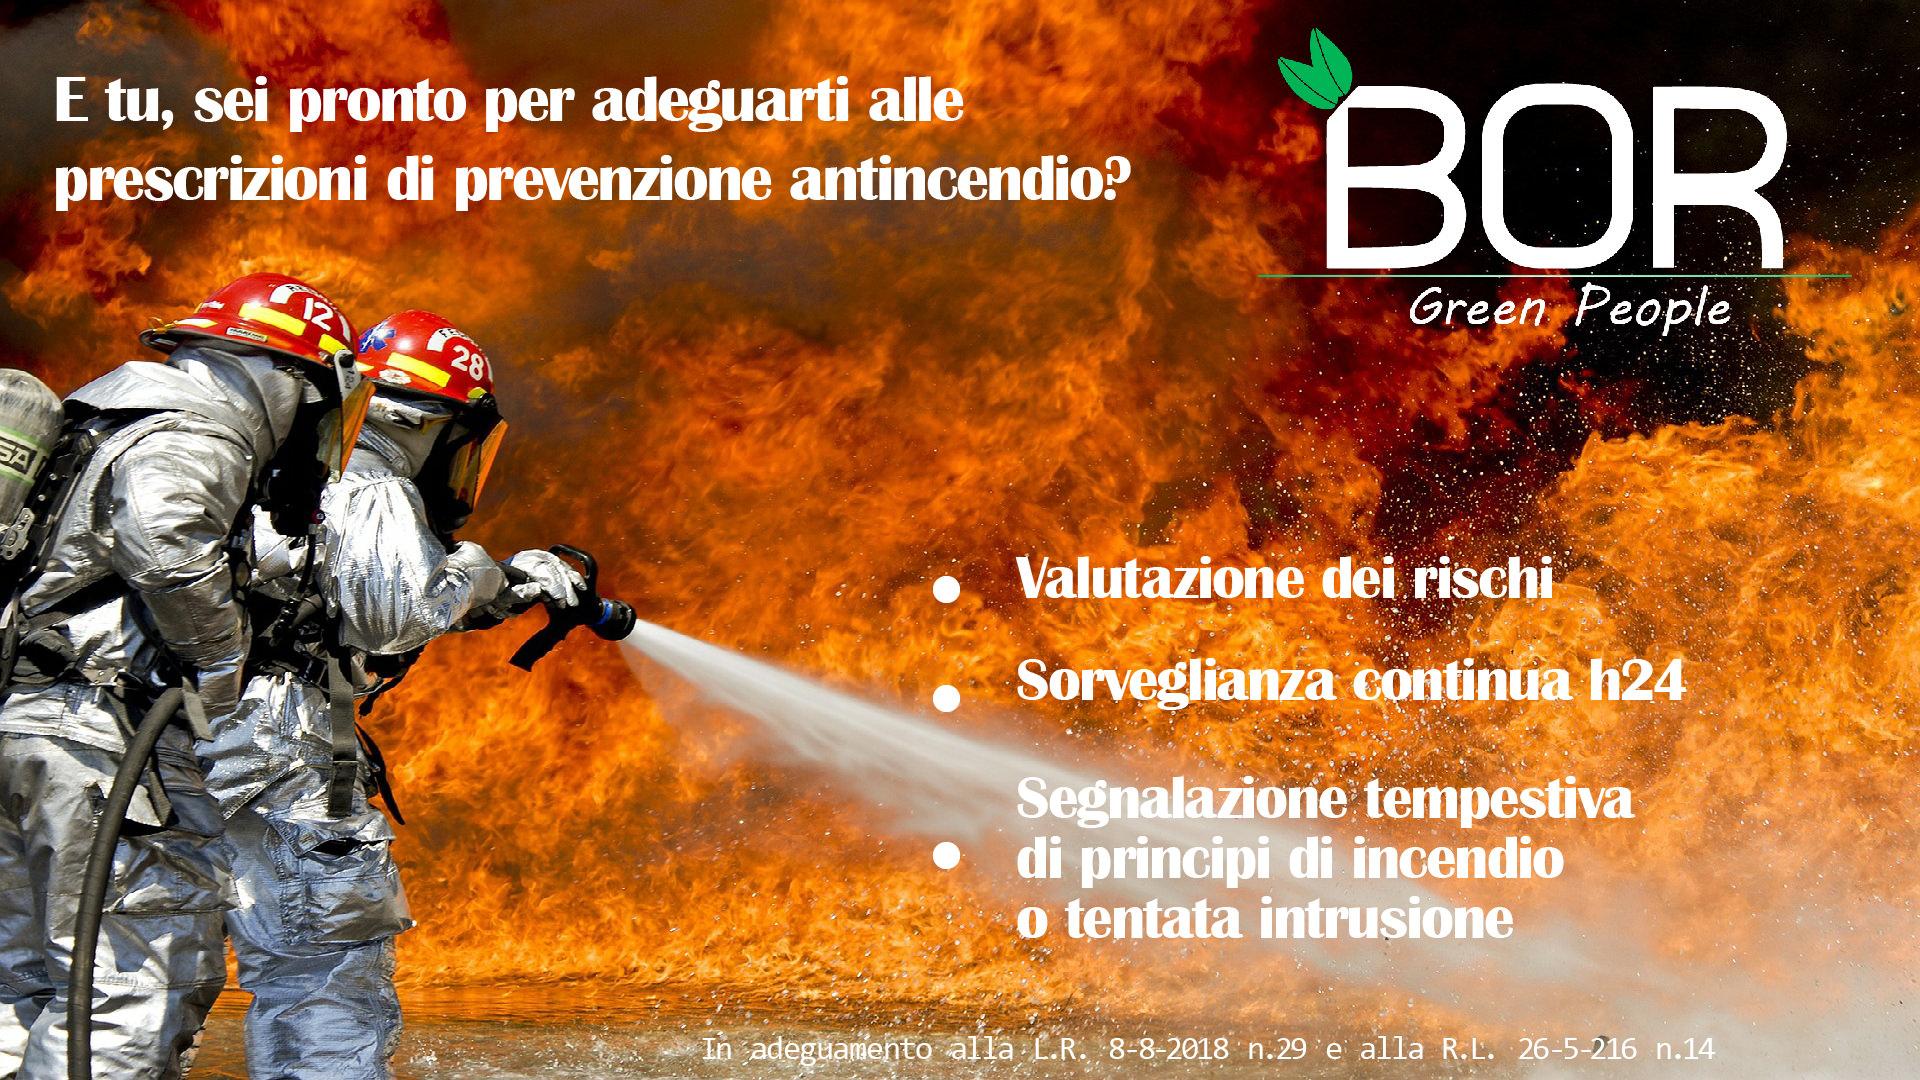 Quali sono gli interventi di adeguamento alle prescrizioni di prevenzione antincendio